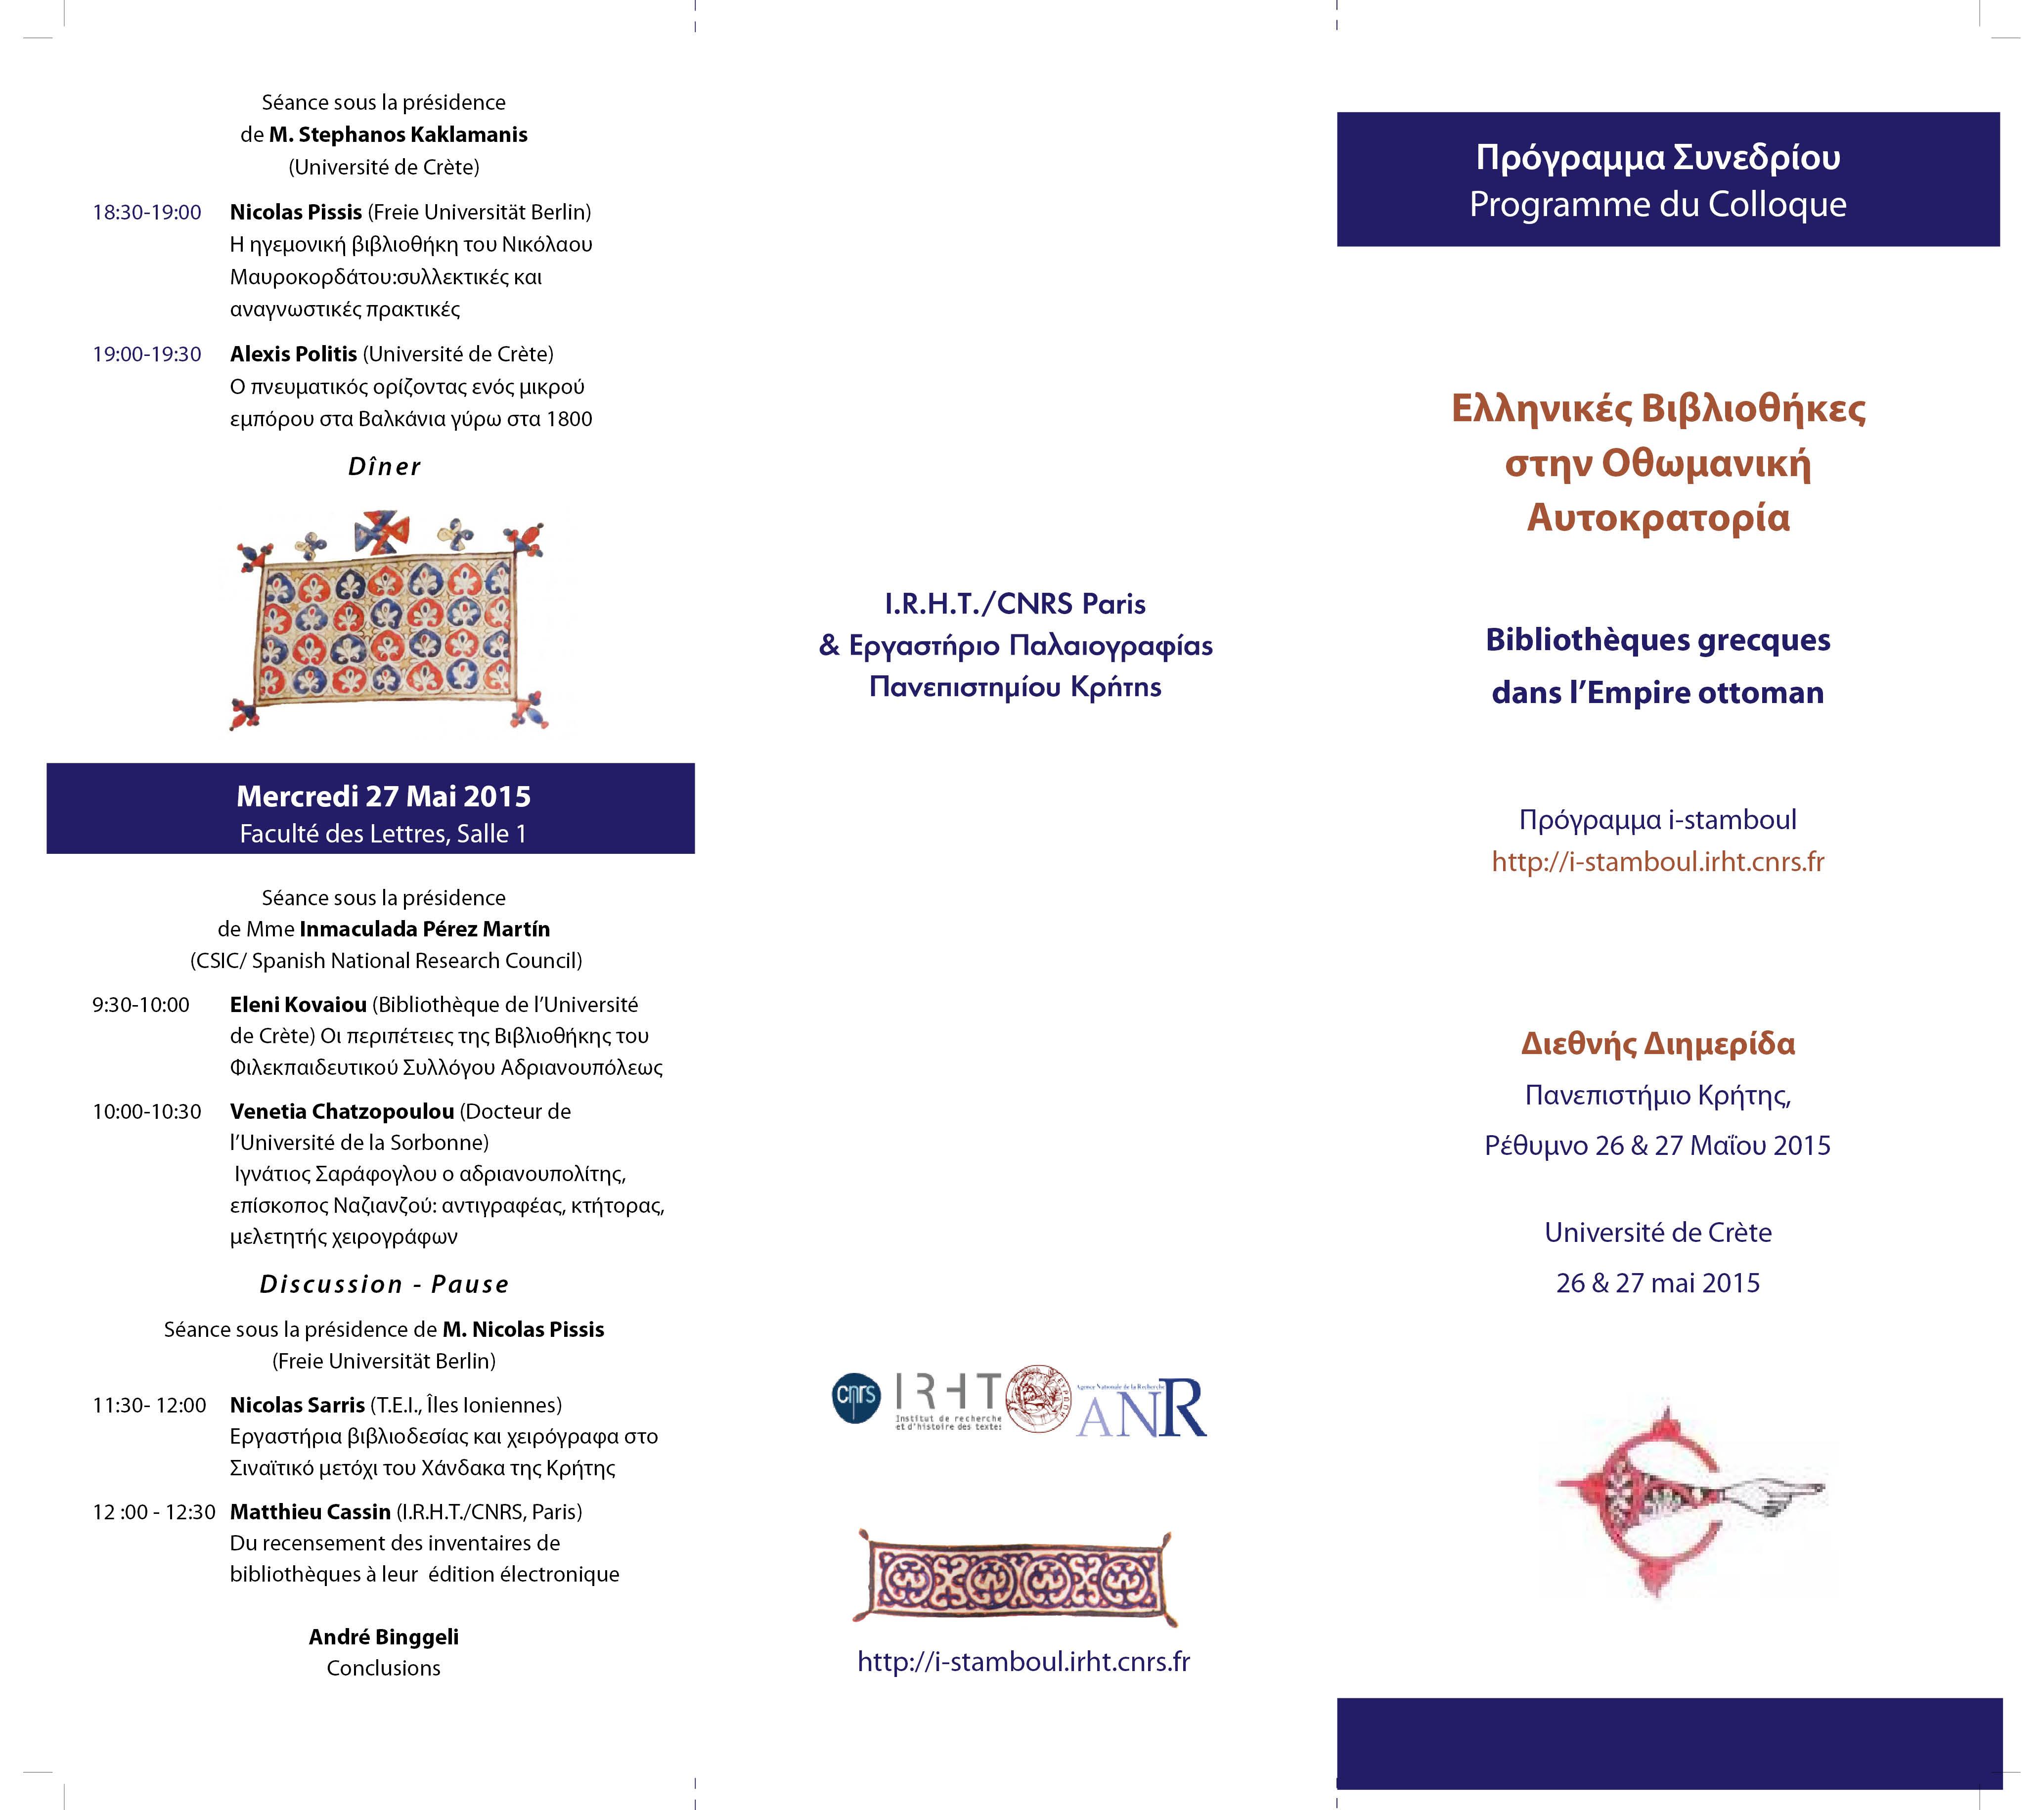 Programme Colloque Crète, 1